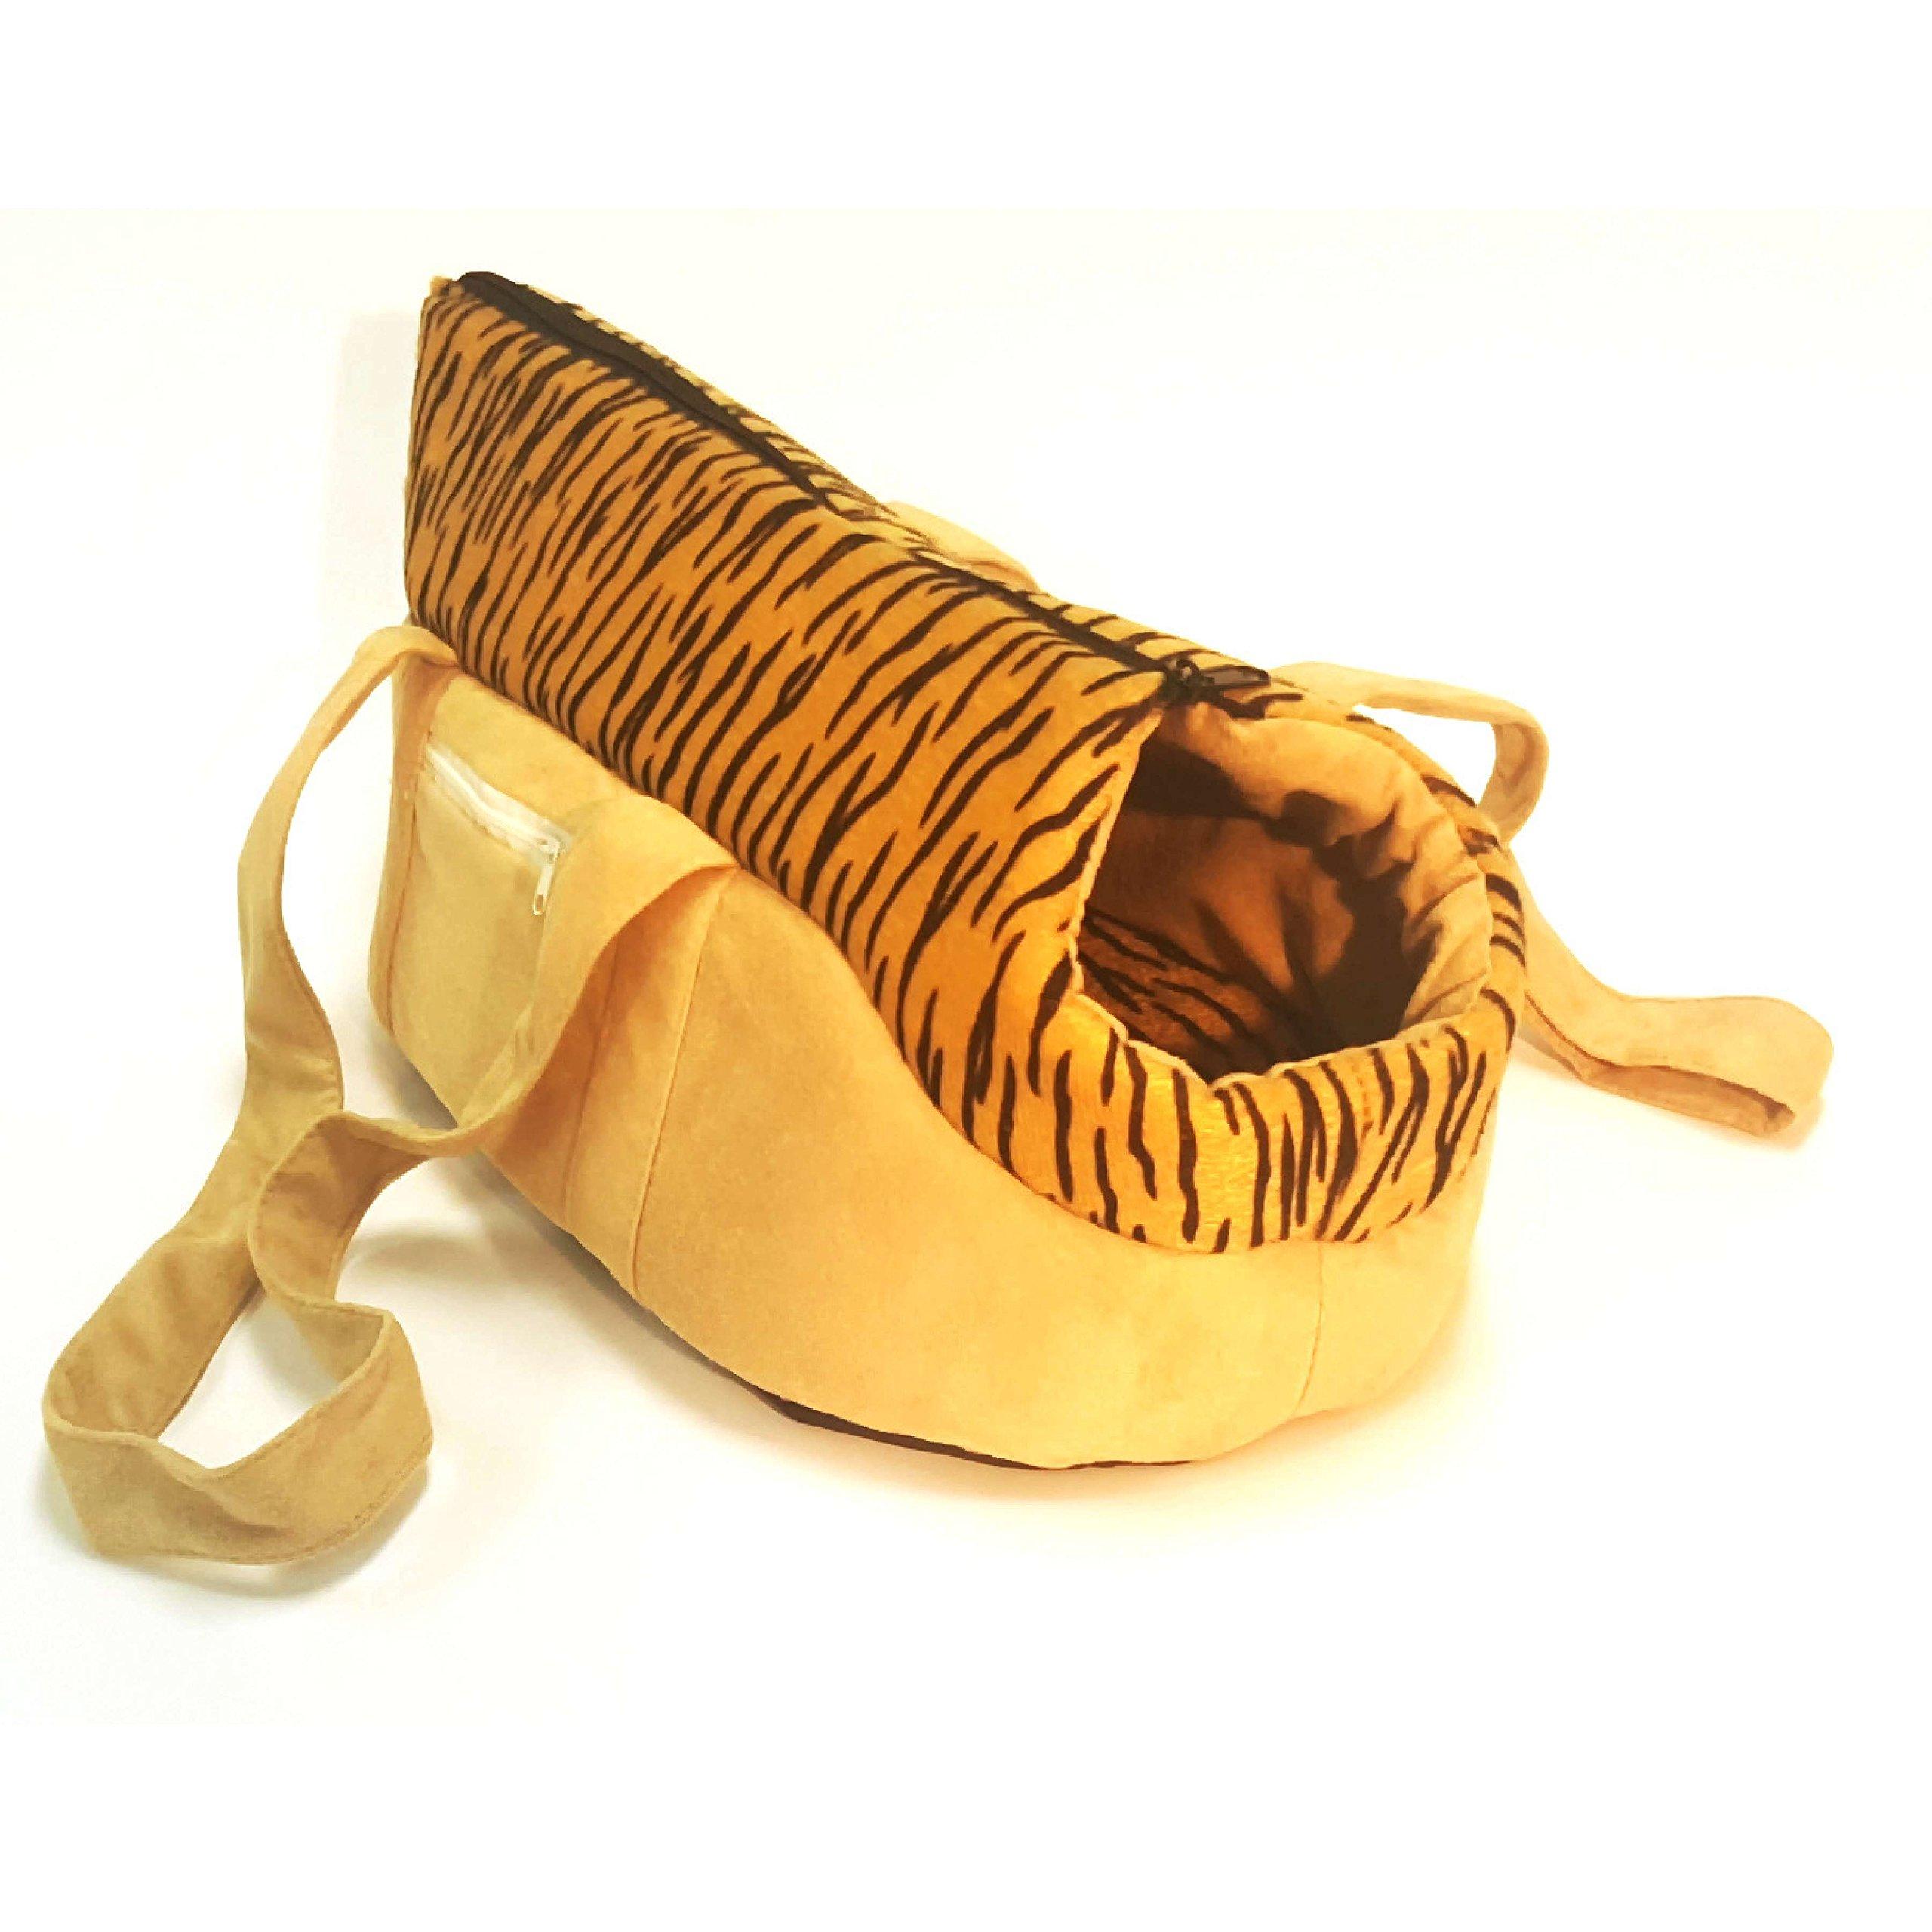 UTowels Cozy Pet Carry Bag